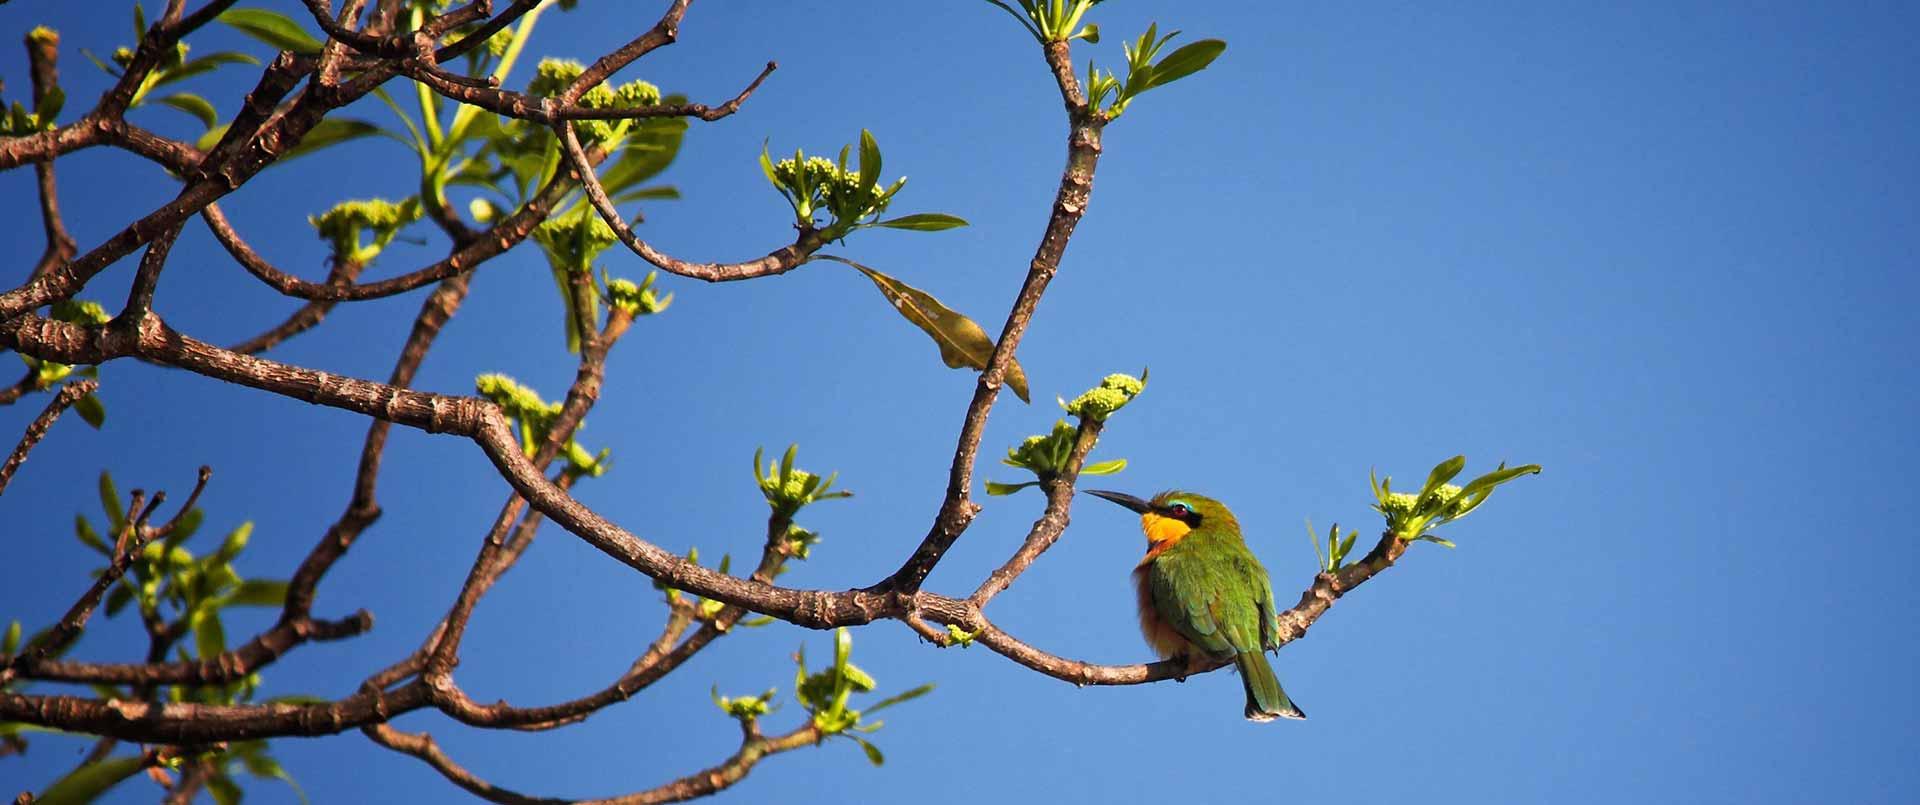 Malawi Fly-In Safari